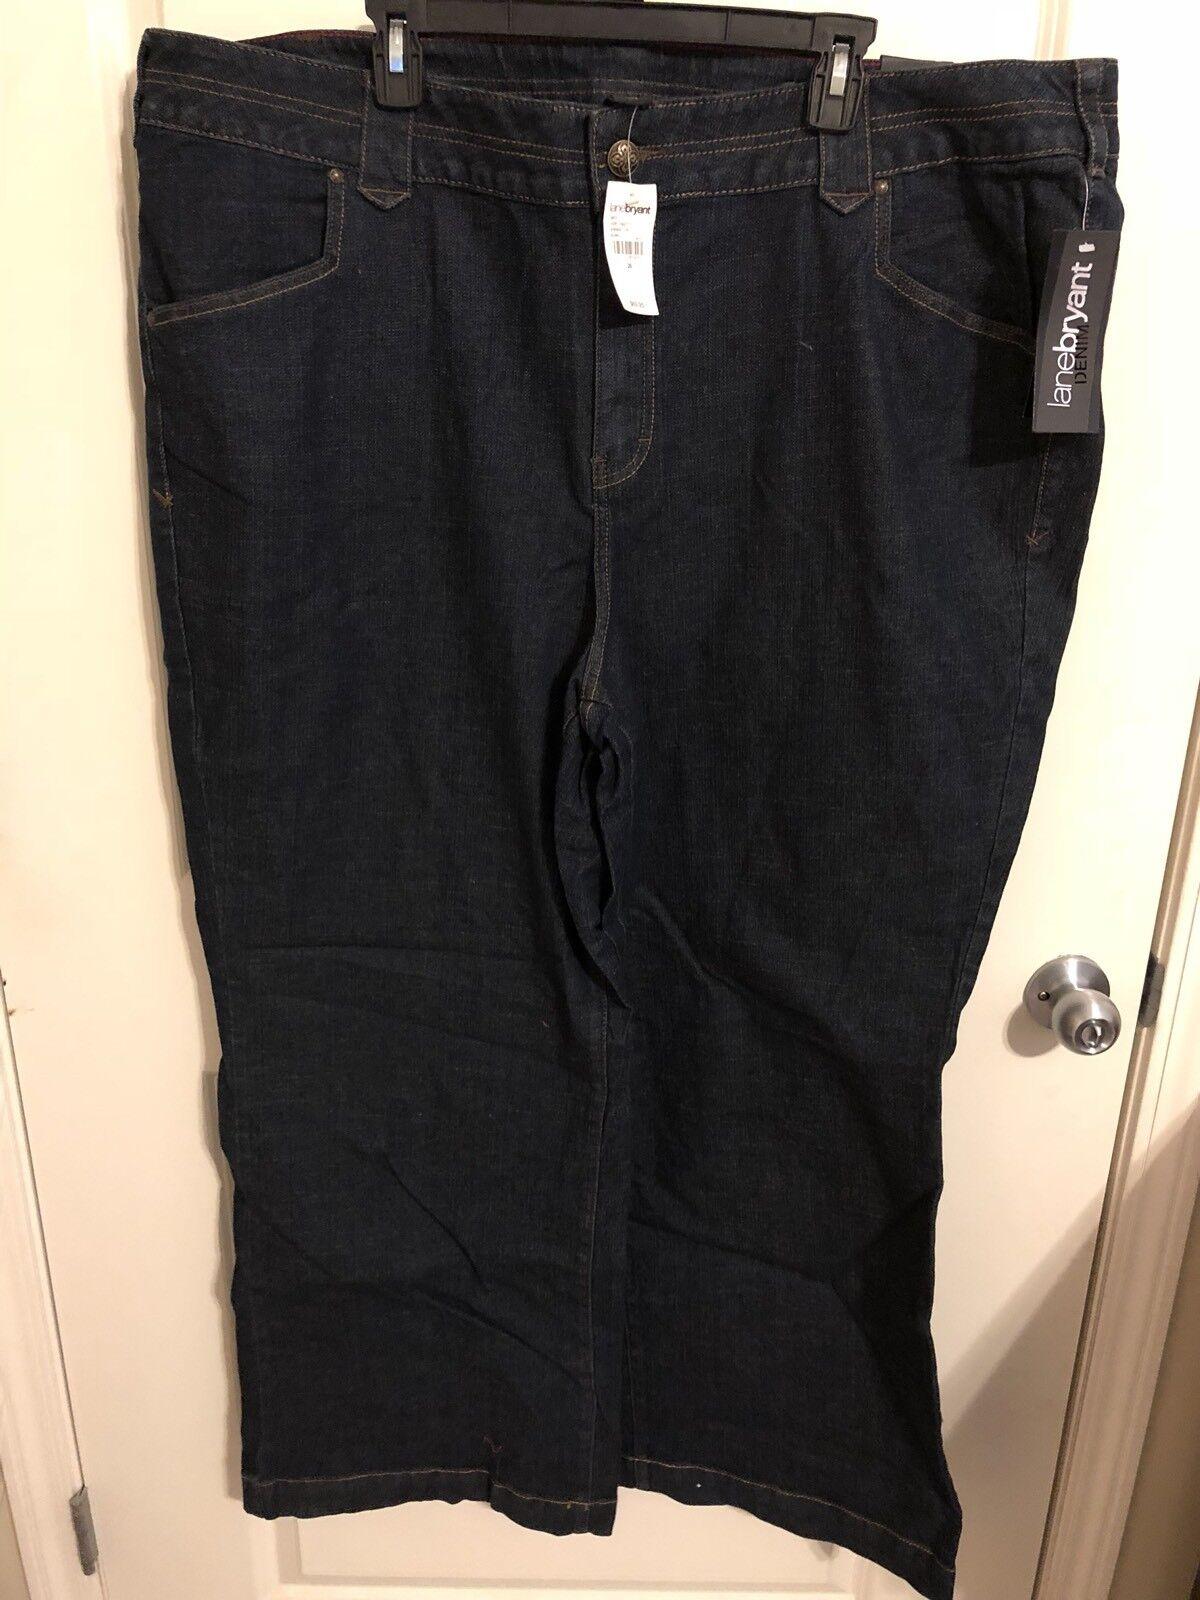 Lane Bryant Women's Jeans Denim Pants Size 26